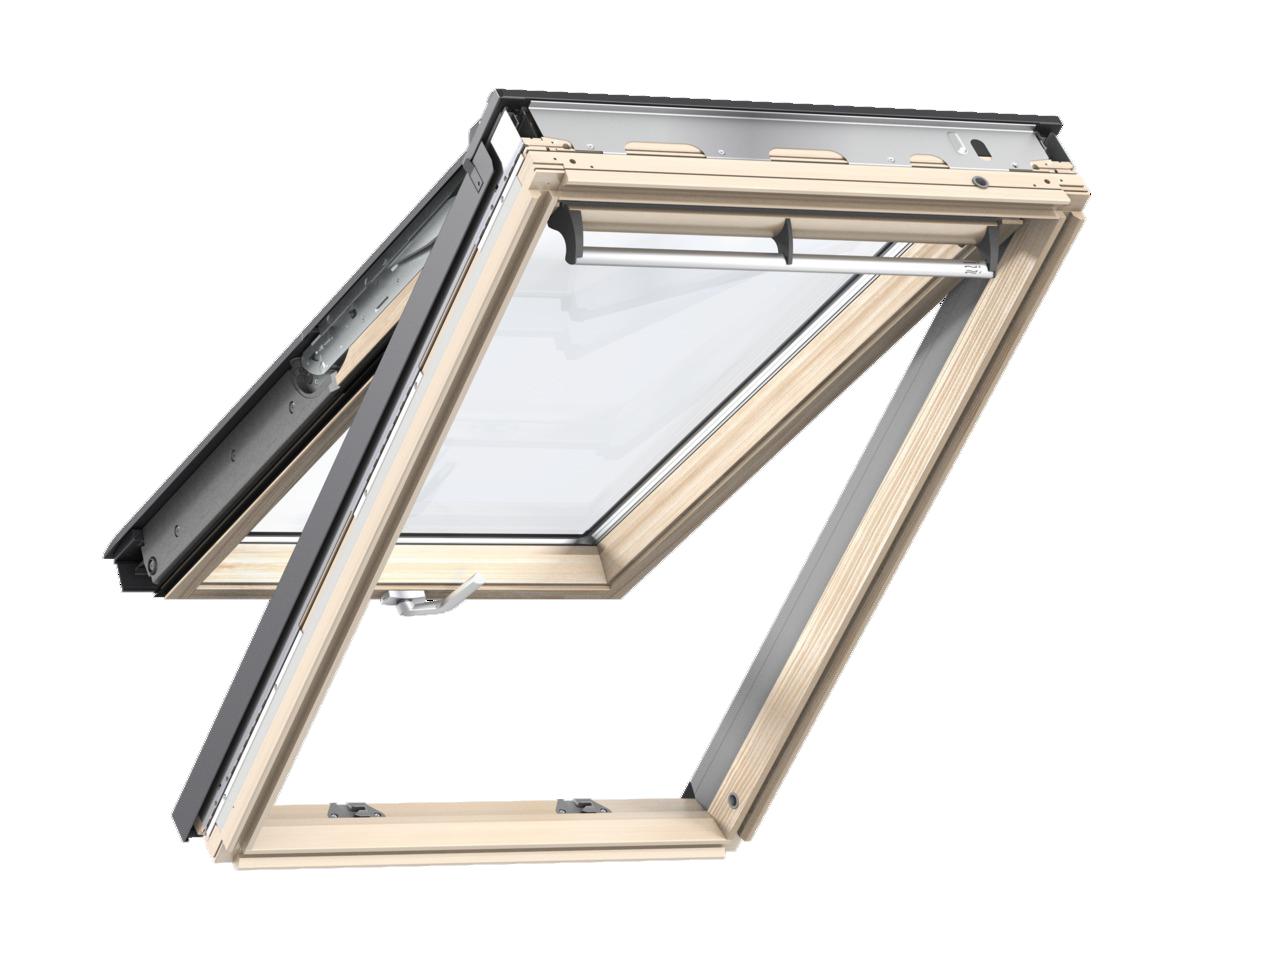 Full Size of Velux Fenster Preise Dachfenster Preisliste 2018 Einbau Hornbach Veludachfenster Gpl 3050 Online Kaufen Internorm Schüko Rollos Innen Dampfreiniger Abus Fenster Velux Fenster Preise